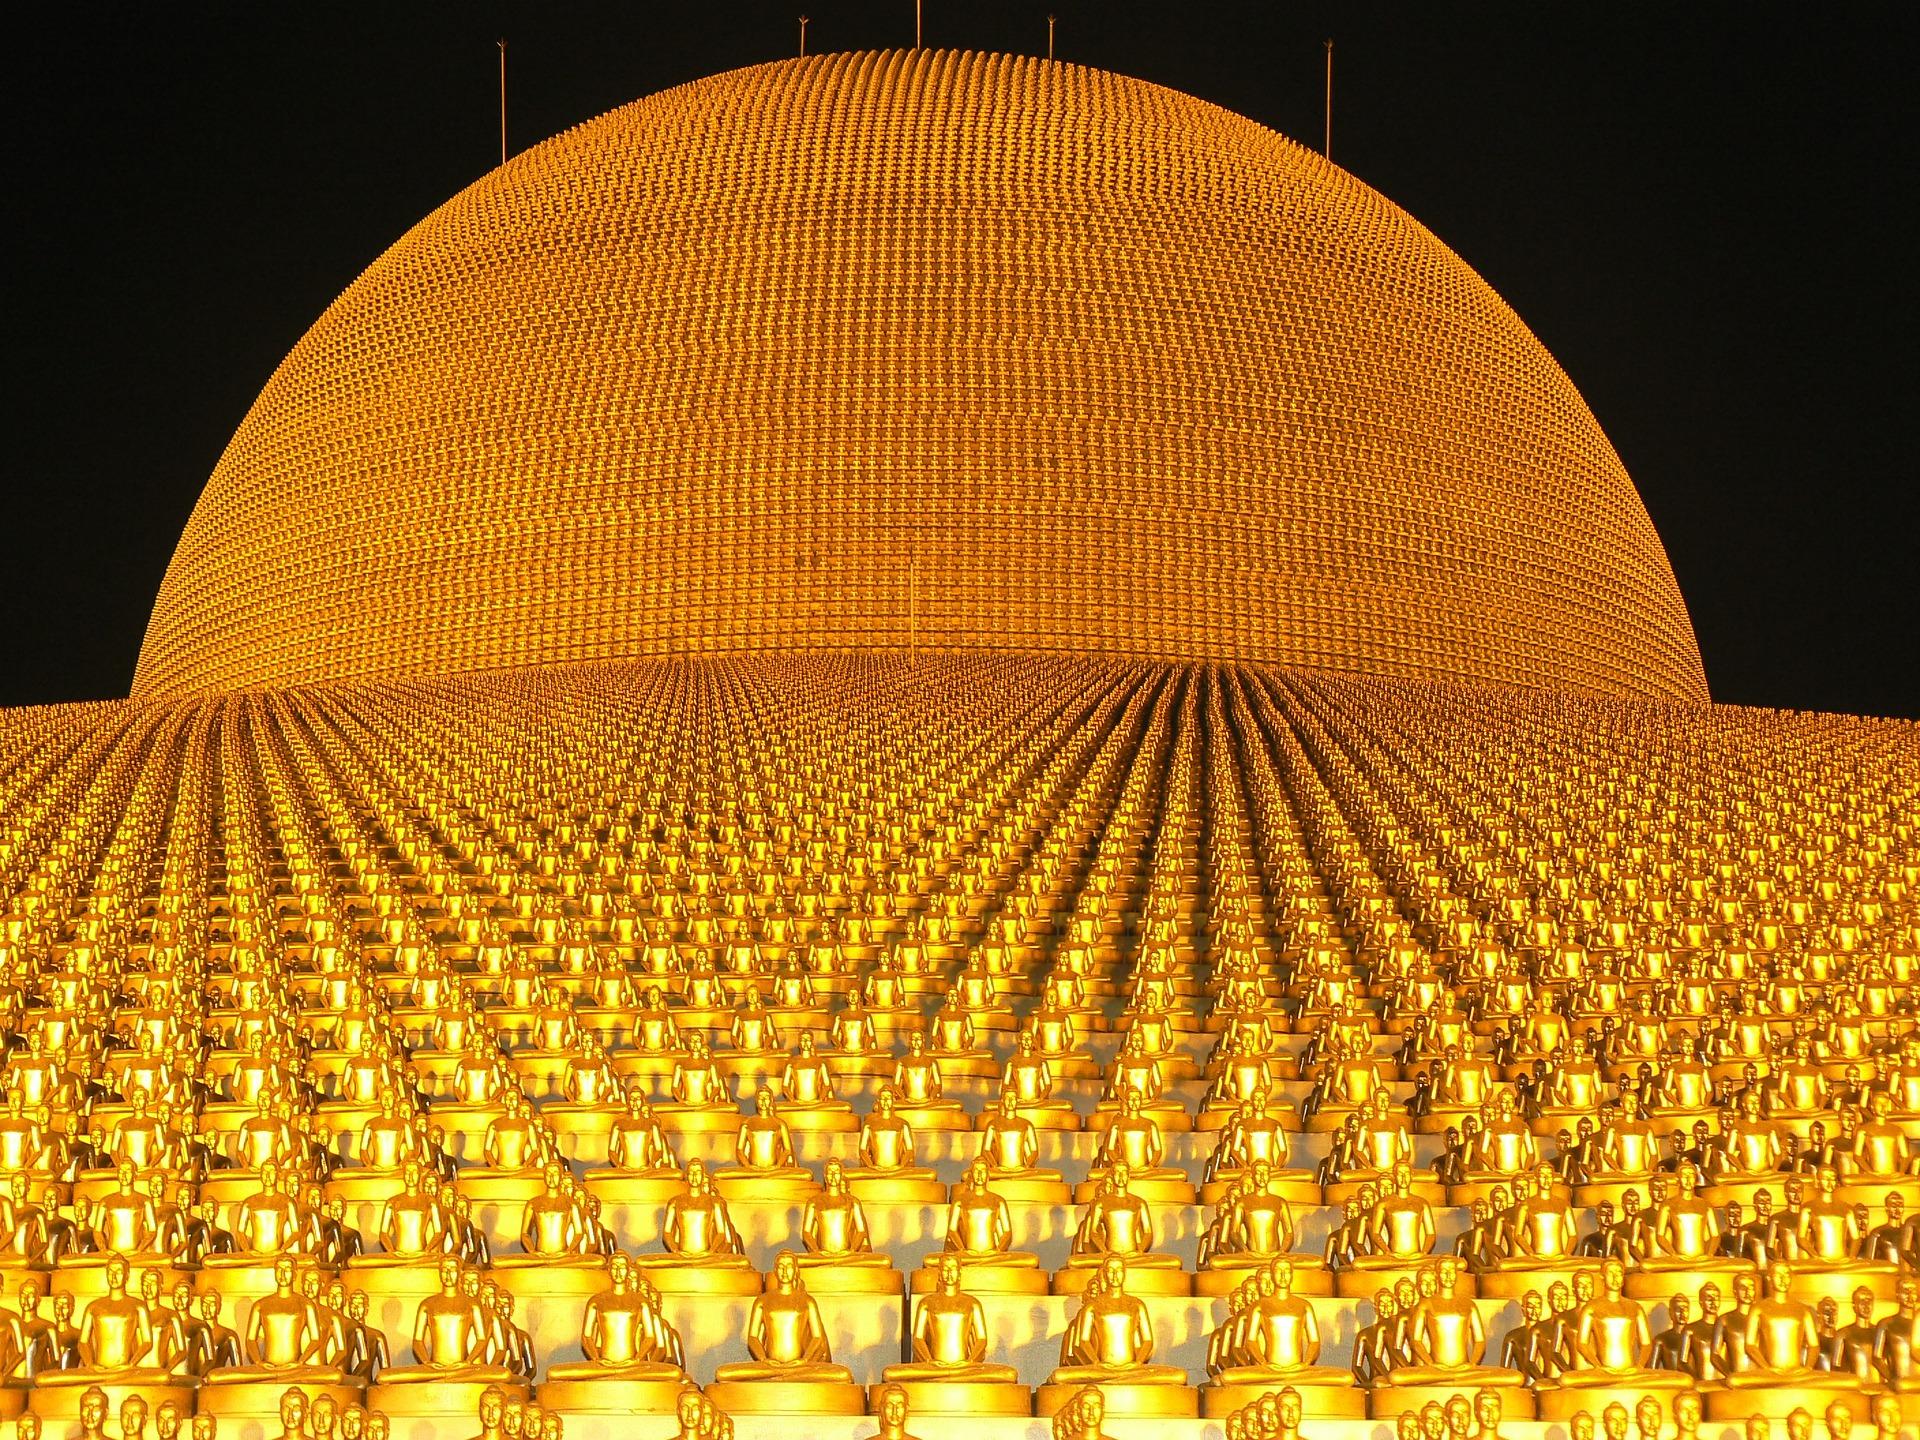 dhammakaya-pagoda-472490_1920